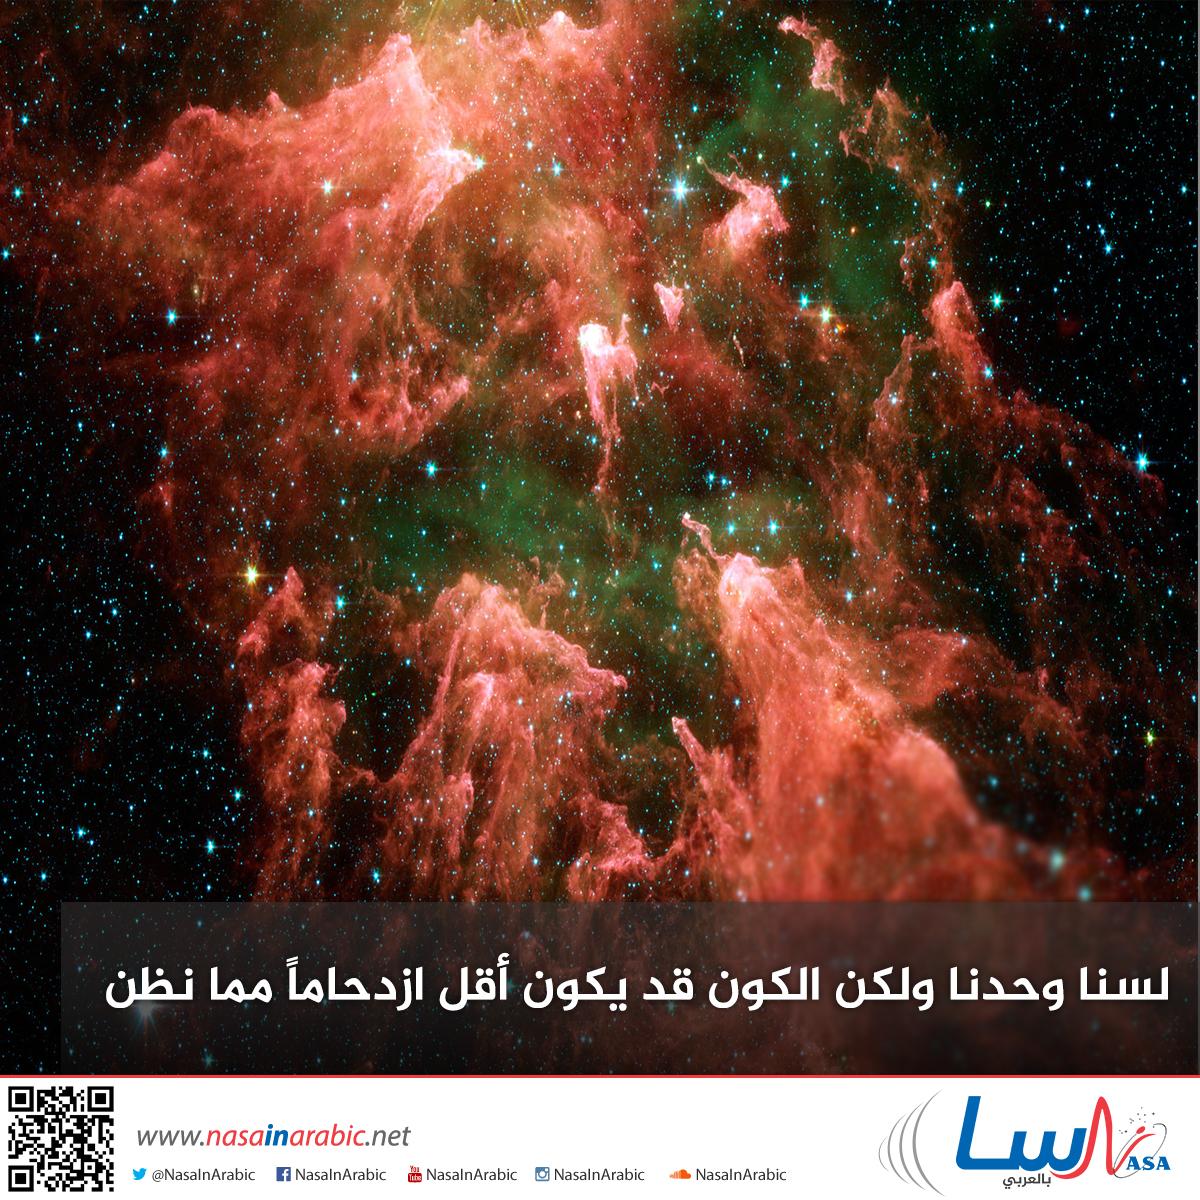 لسنا وحدنا ولكن الكون قد يكون أقل ازدحاماً مما نظن